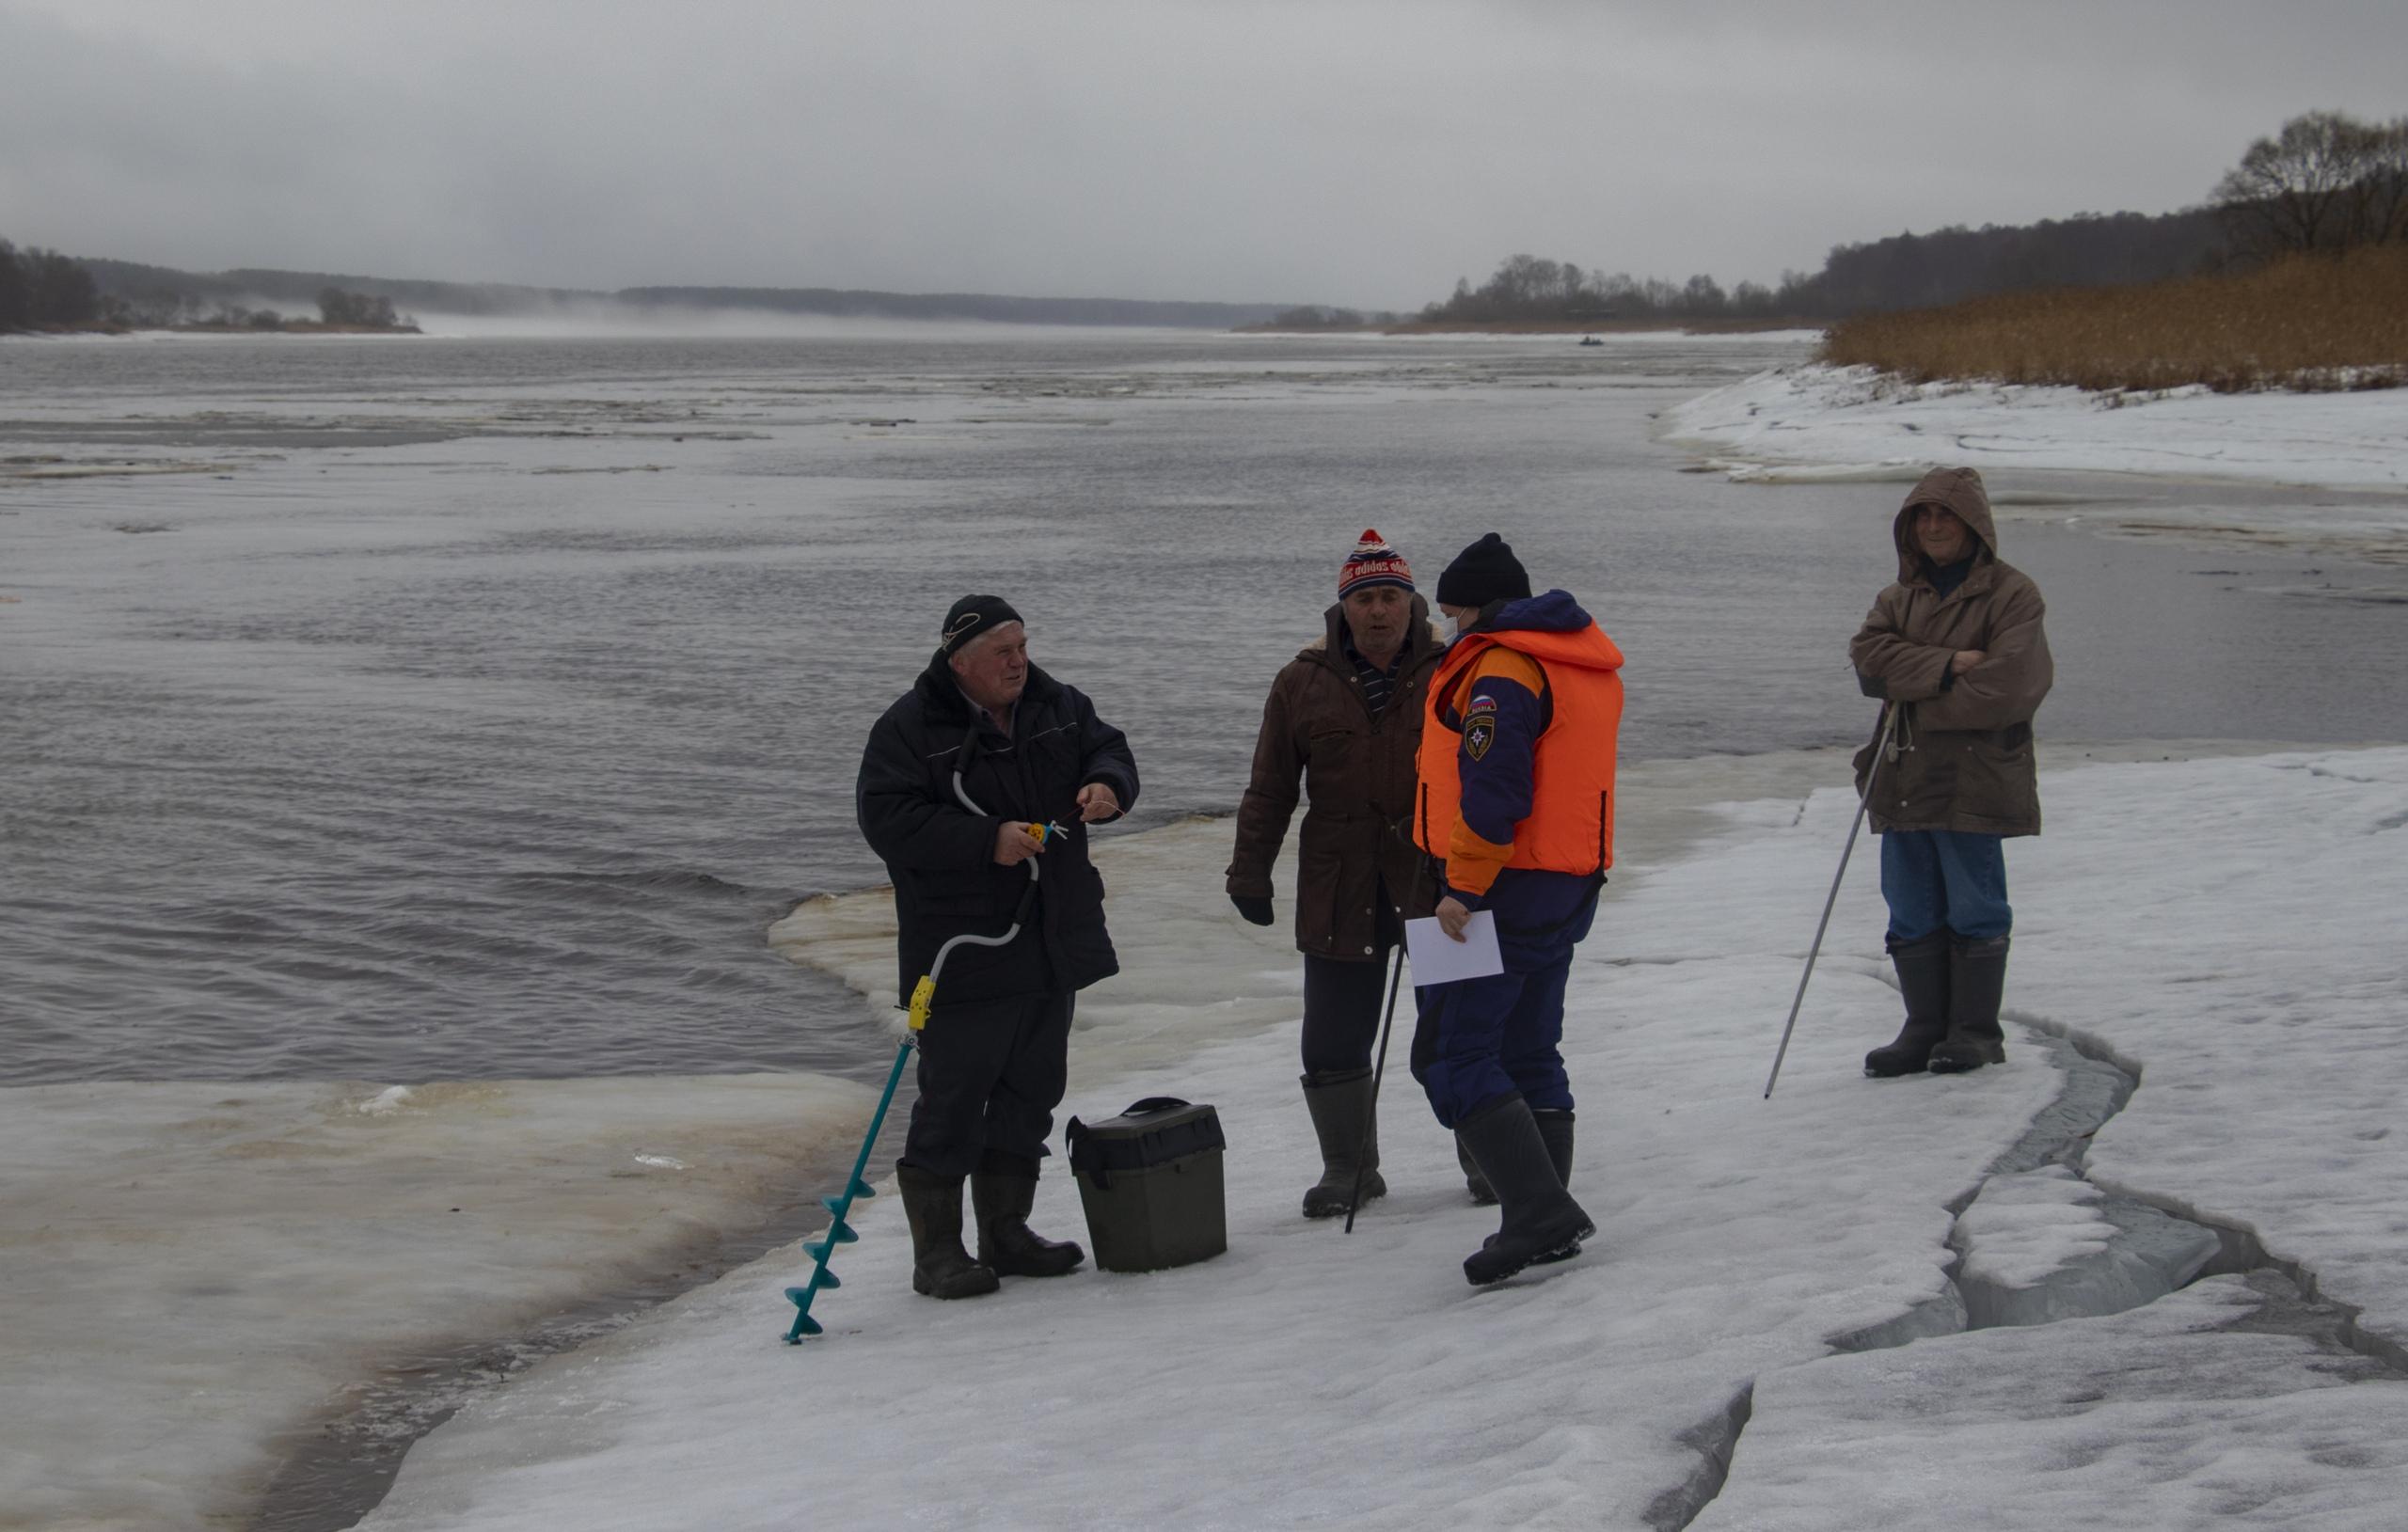 Жители Тверской области выясняют в соцсетях, сколько стоит жизнь рыбака